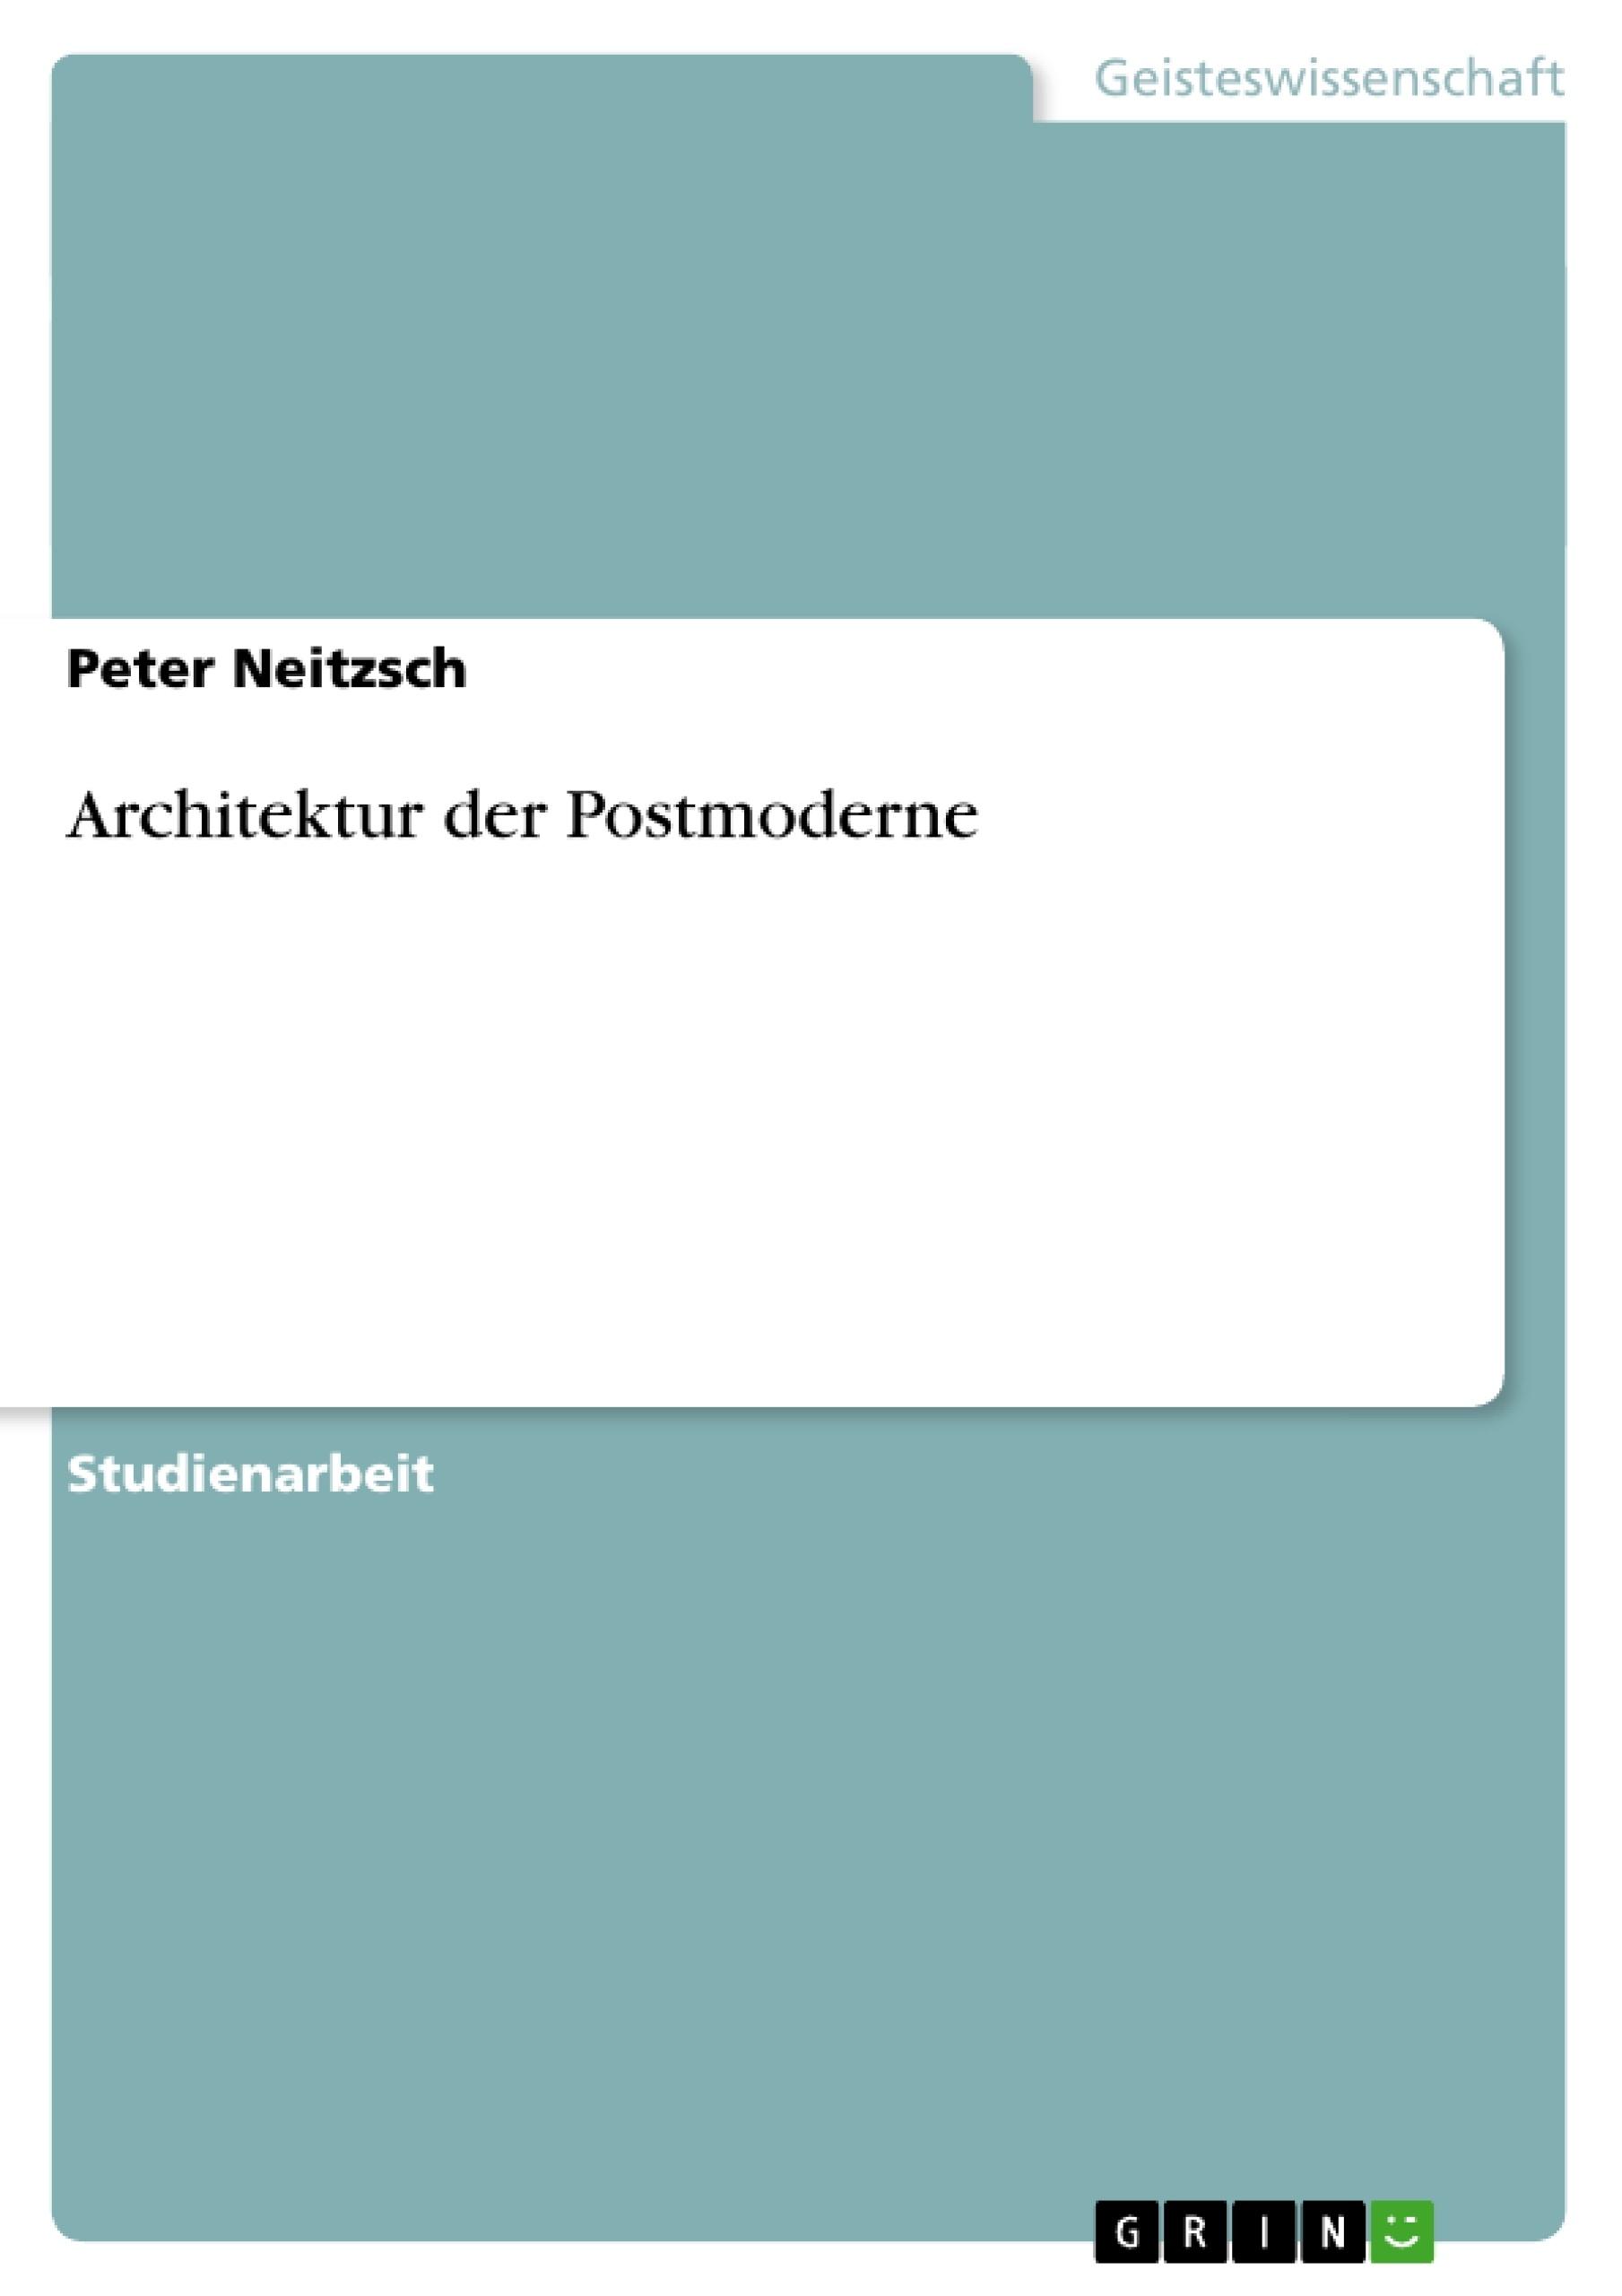 Titel: Architektur der Postmoderne